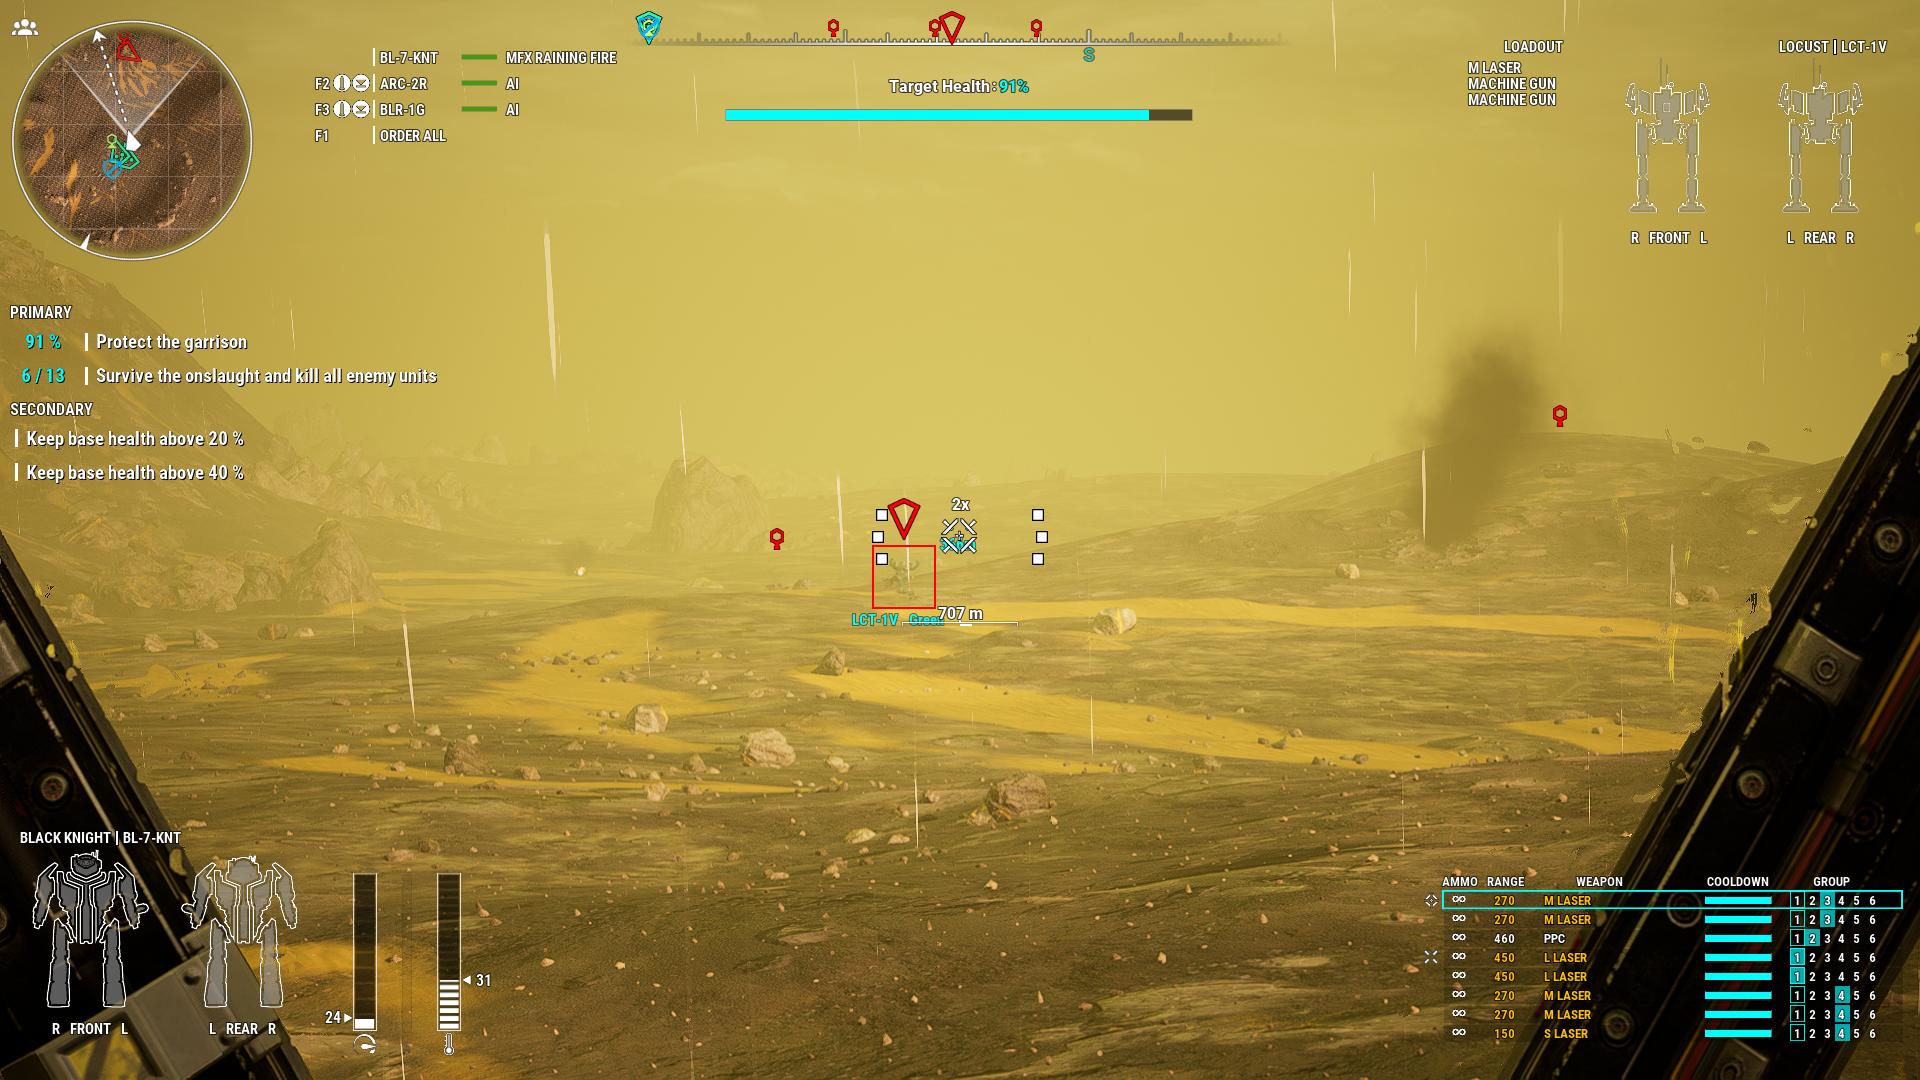 Моддер улучшил погодные условия в MechWarrior 5: Mercenaries